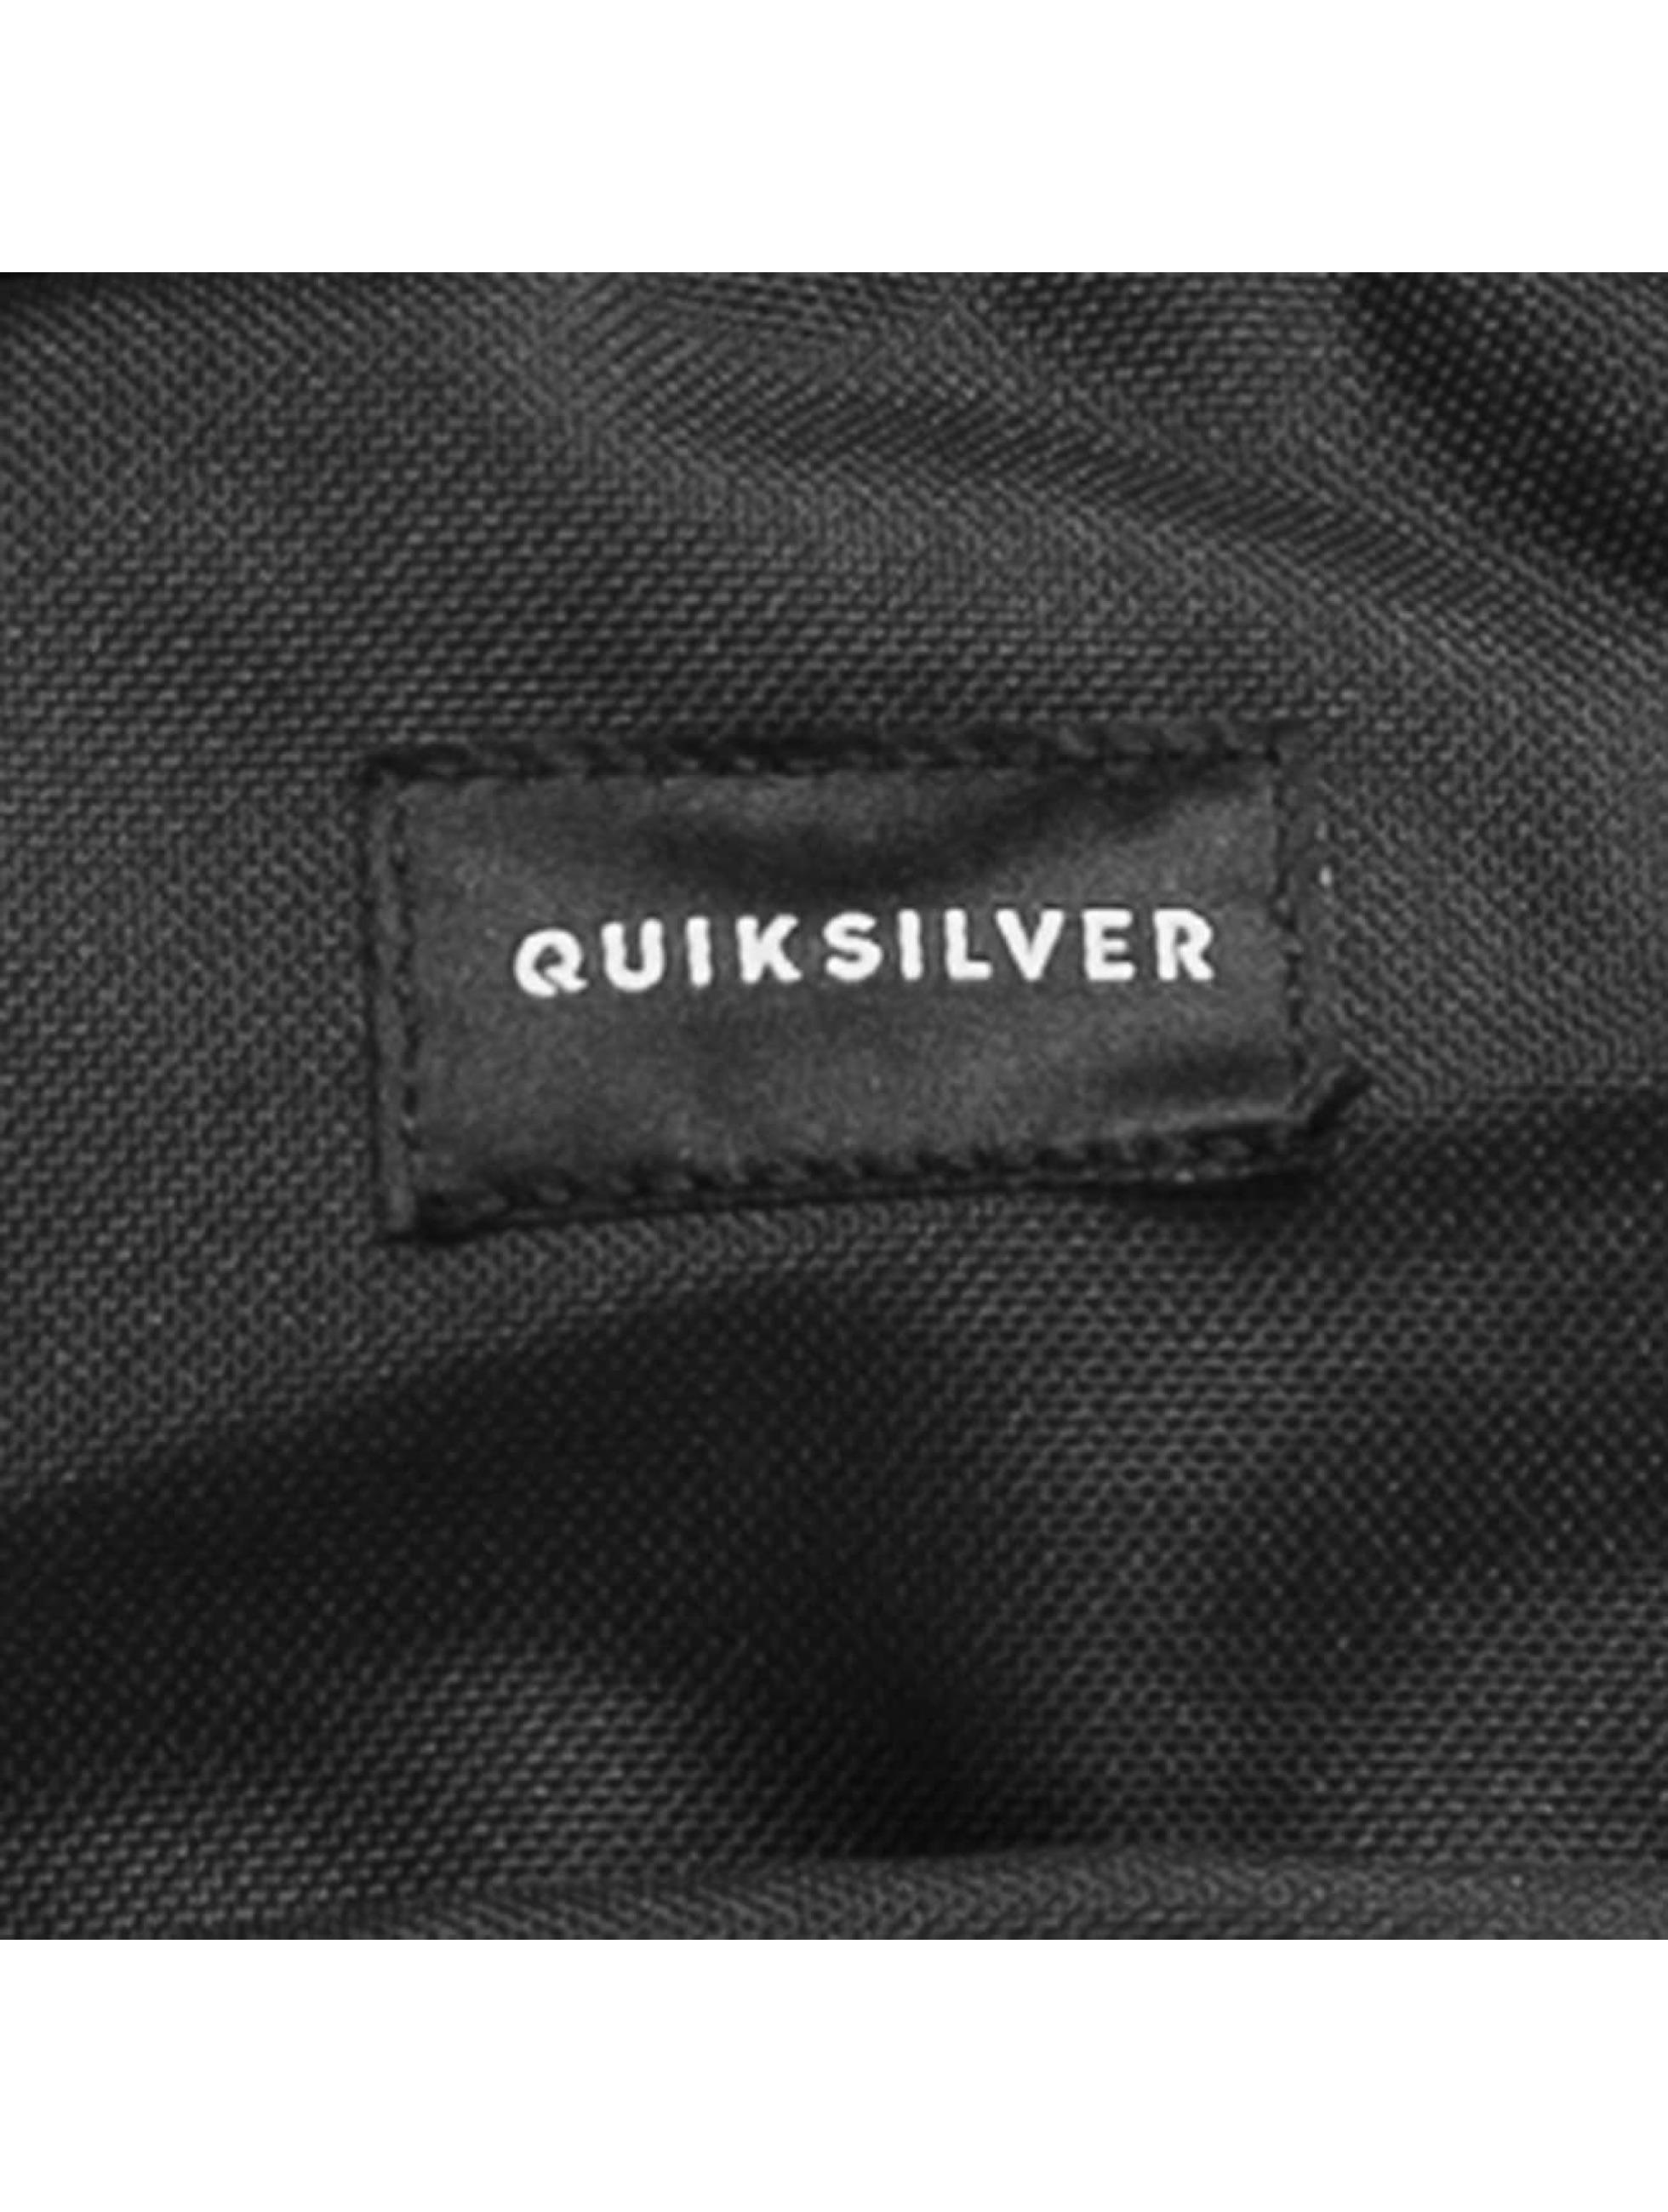 Quiksilver Reput Burst musta